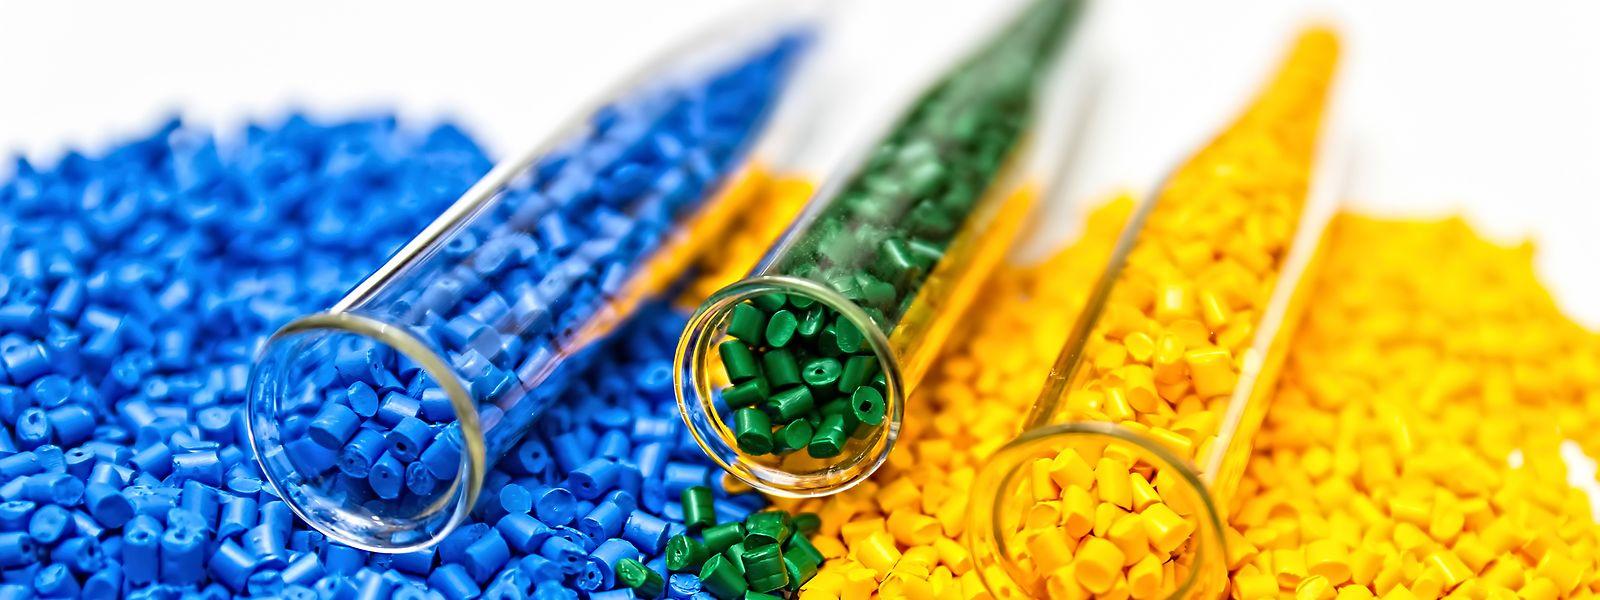 Von Recycling bis Bio-Kunststoffen: Luxemburgs Unternehmen auf der Suche nach Plastik-Alternativen.